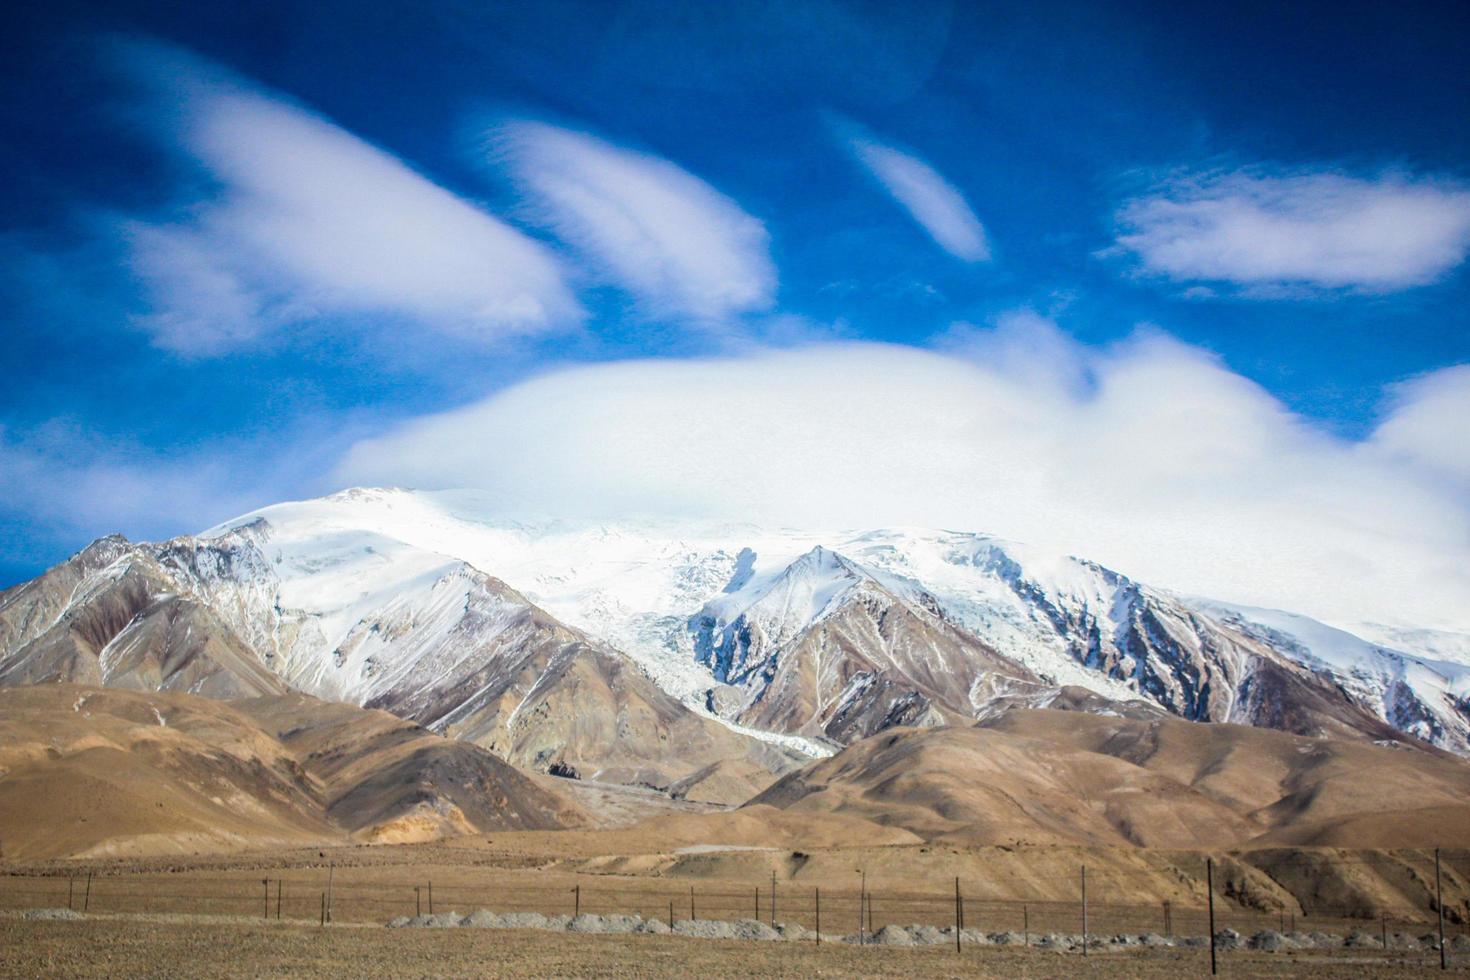 montagne innevate sotto nuvole azzurre foto